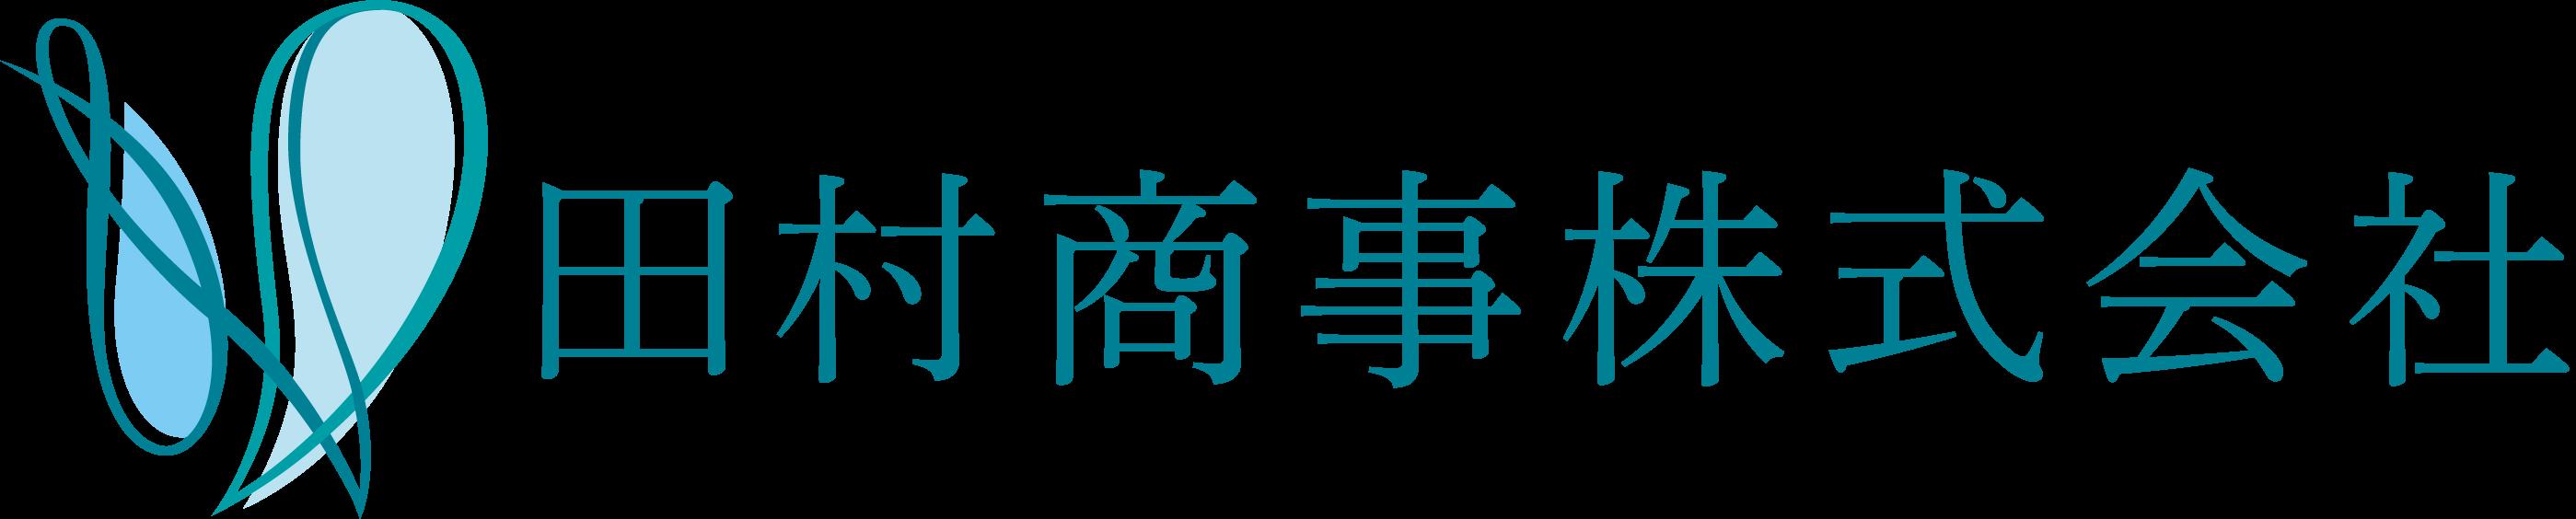 田村商事株式会社